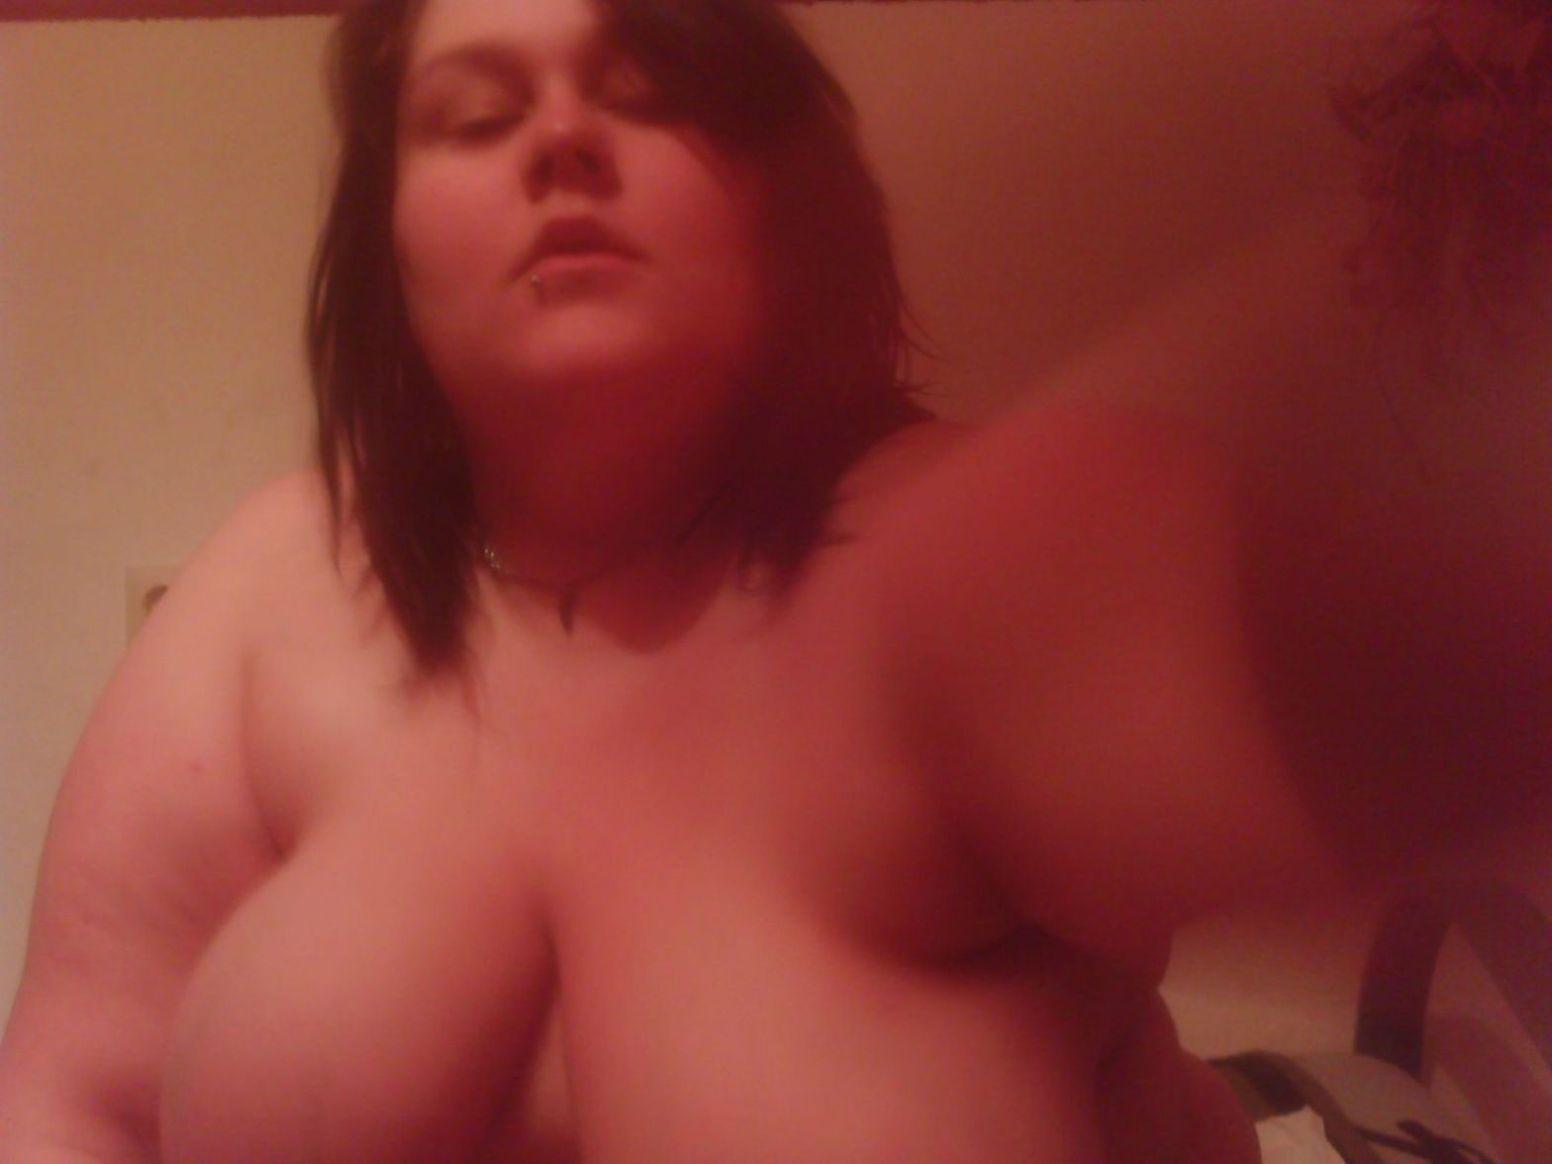 Sexdates mit jungen, dicken Frauen